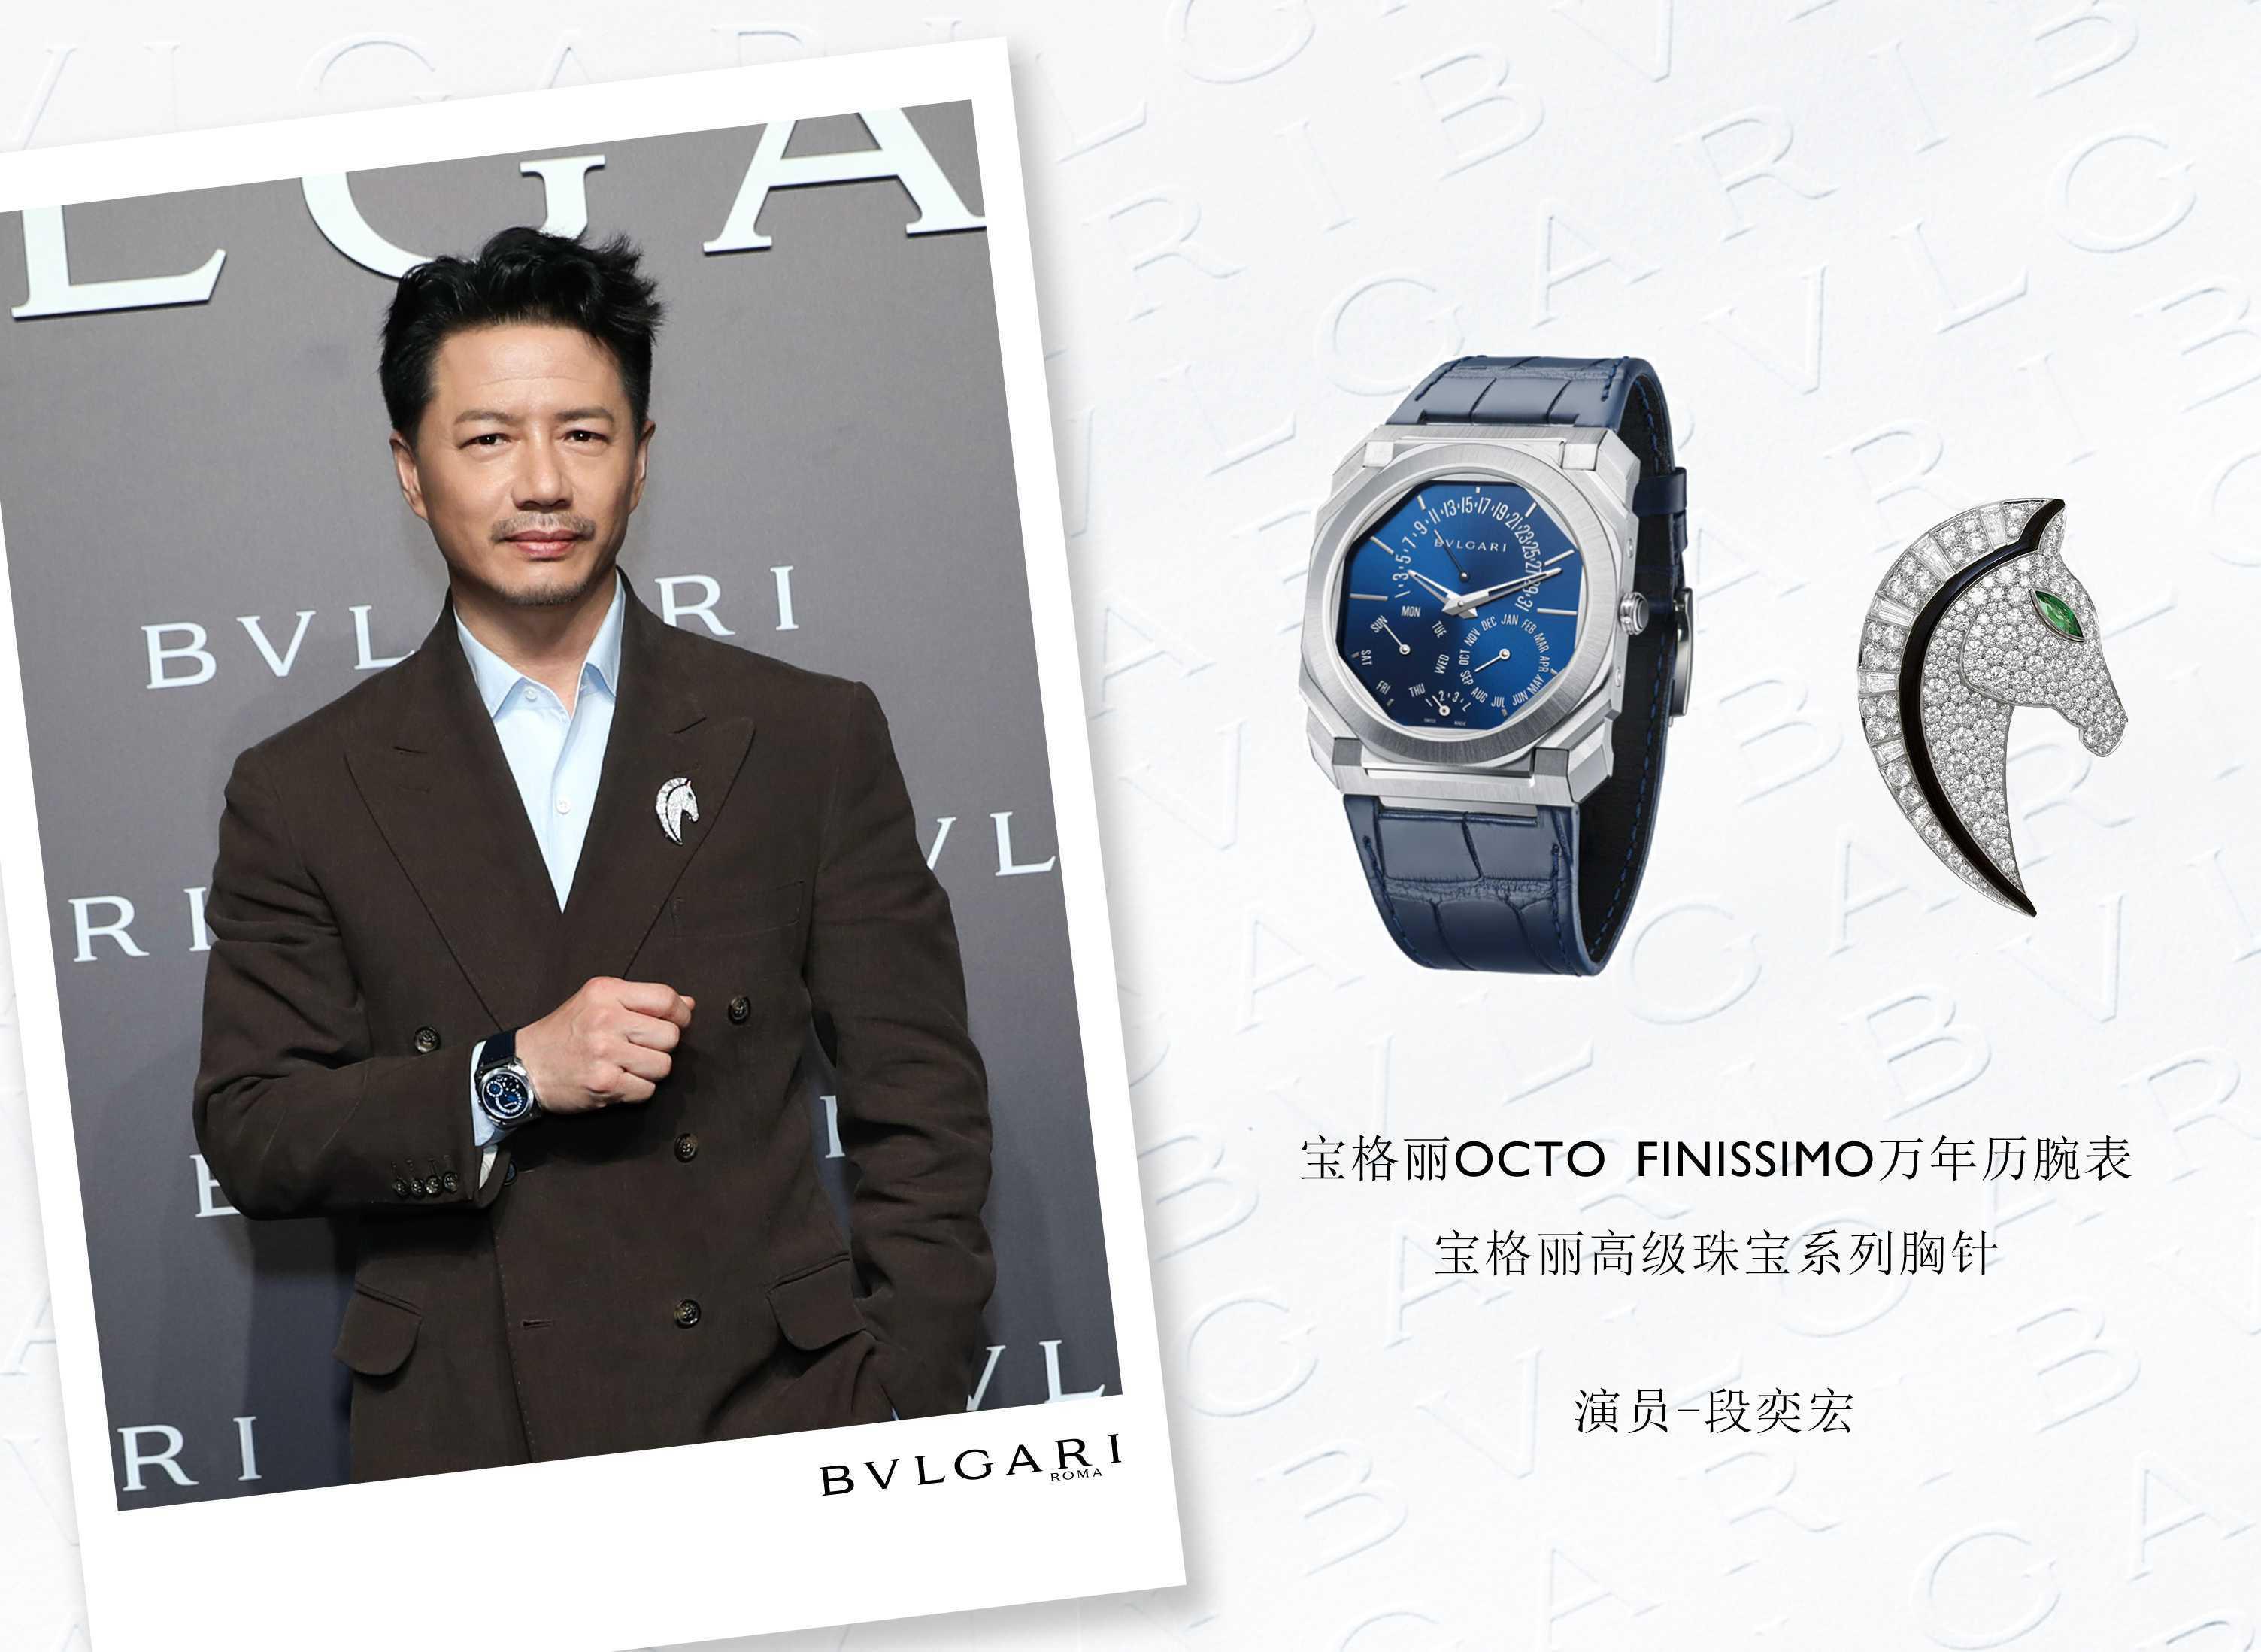 BVLGARI宝格丽新品腕表于上海耀目发布